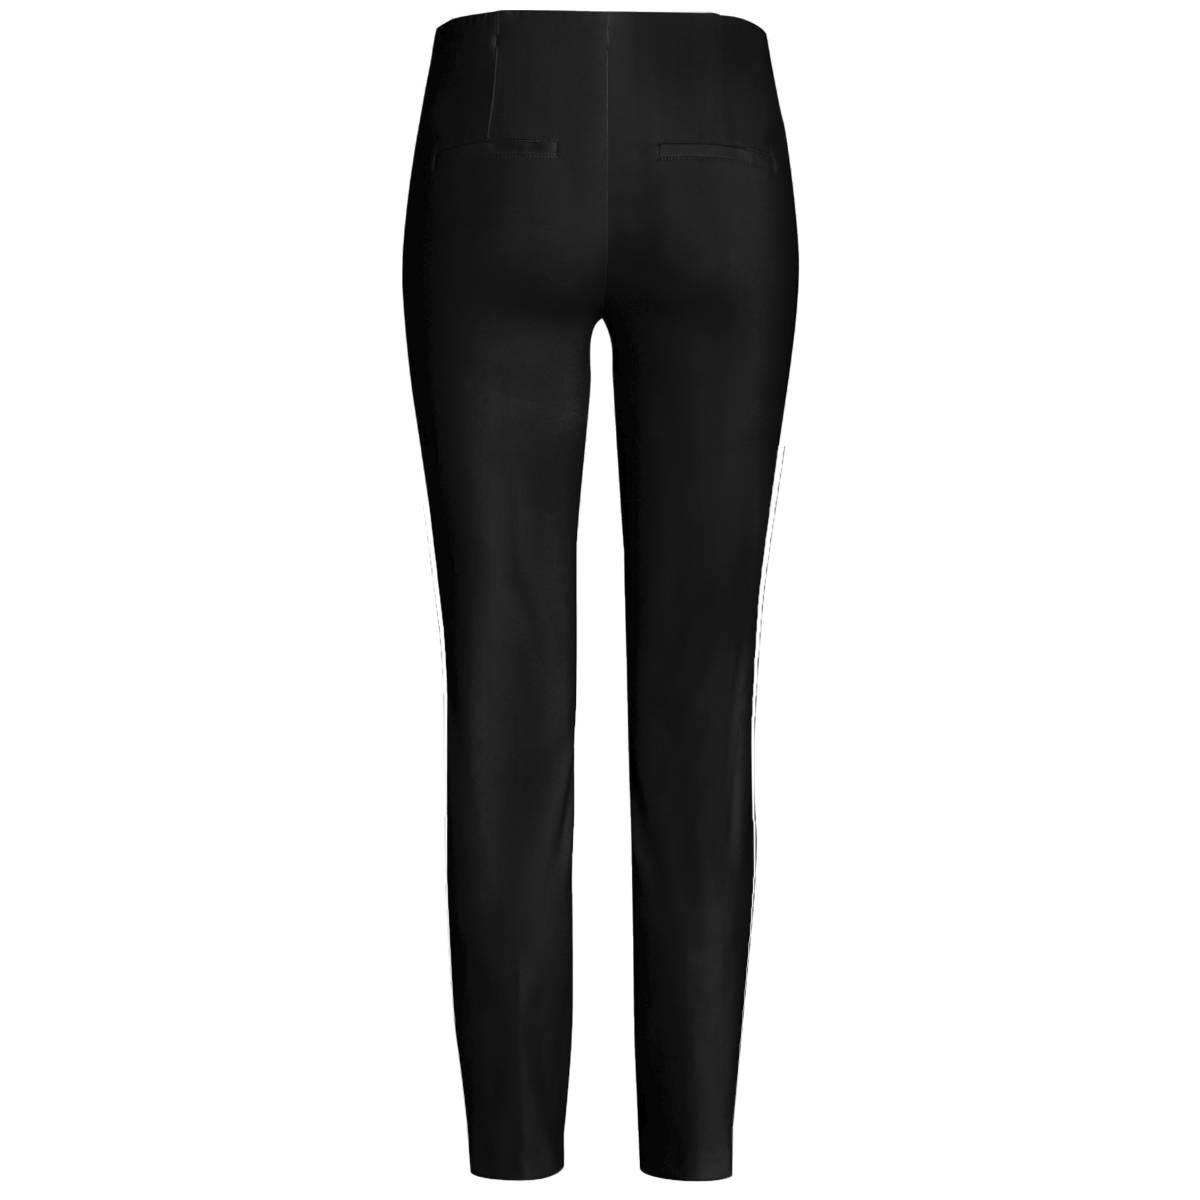 CAMBIO pantalon ros-4